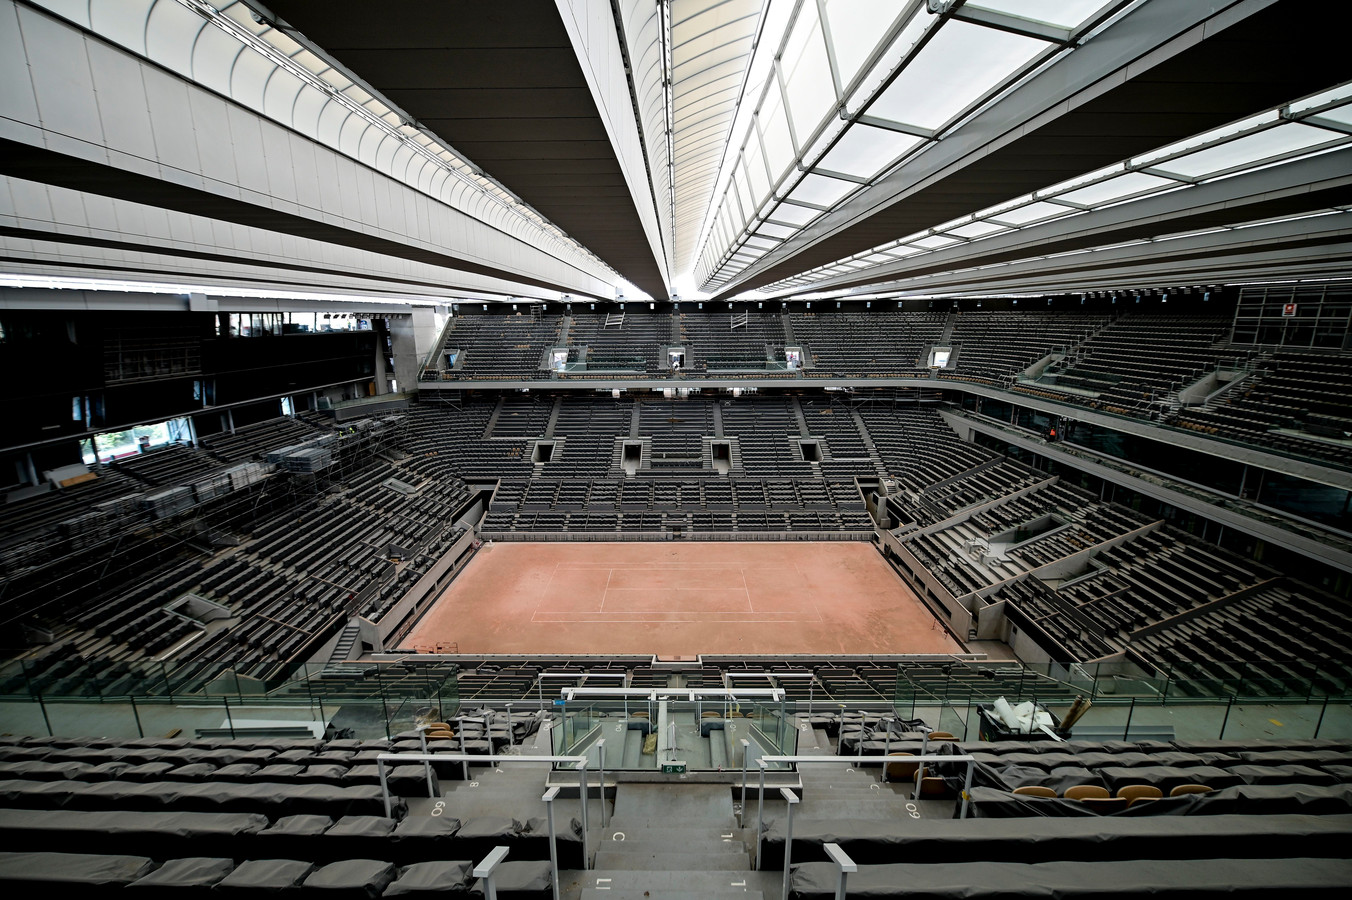 Le court central de Roland-Garros bénéficiera d'un toit rétractable lors de la prochaine édition du tournoi